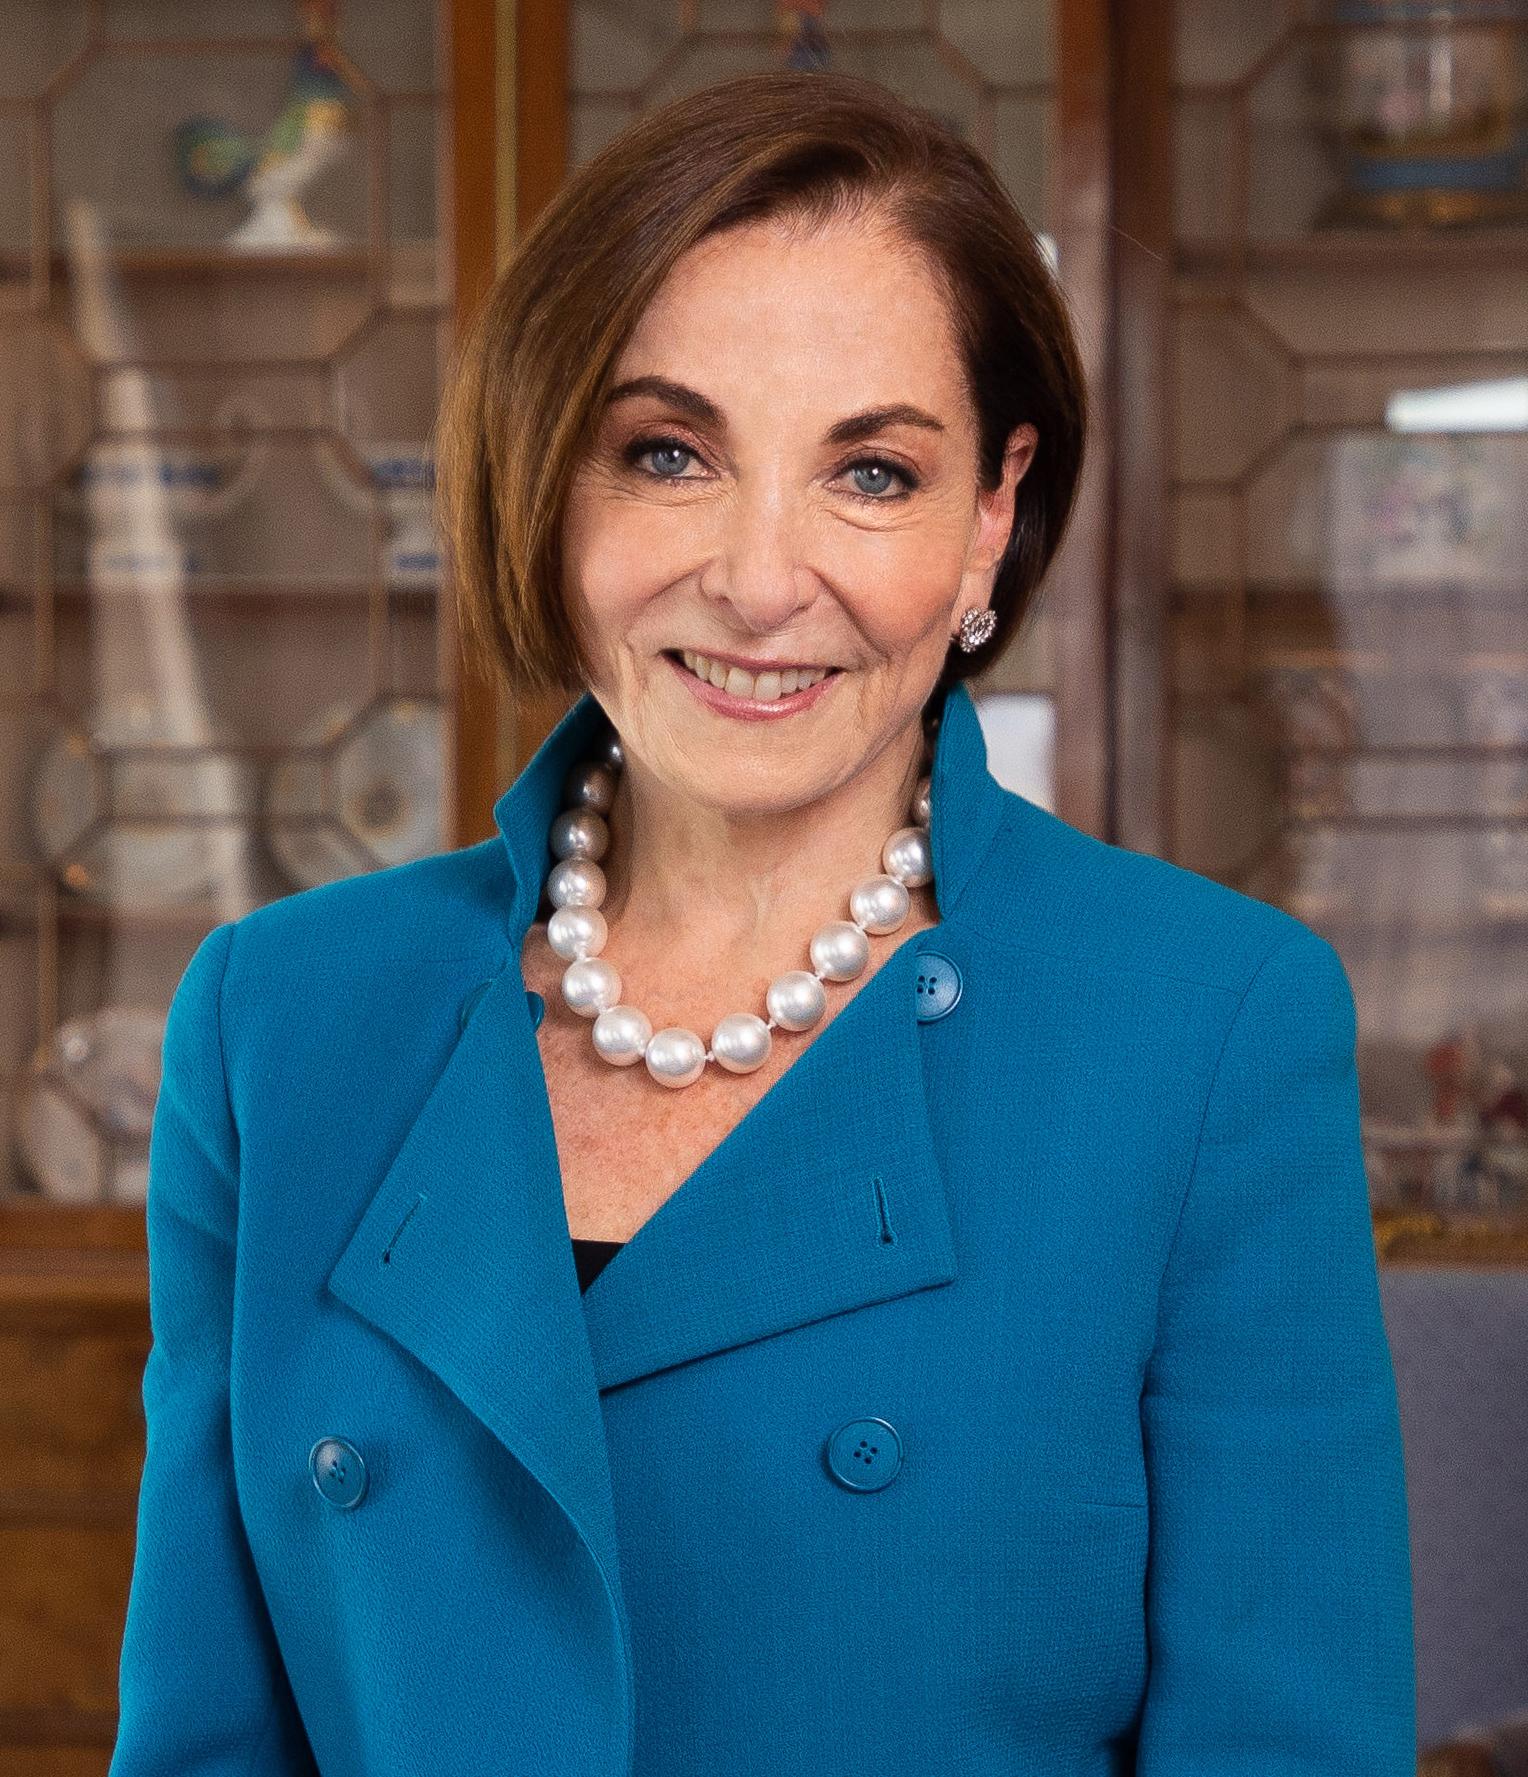 Sara E. Moss